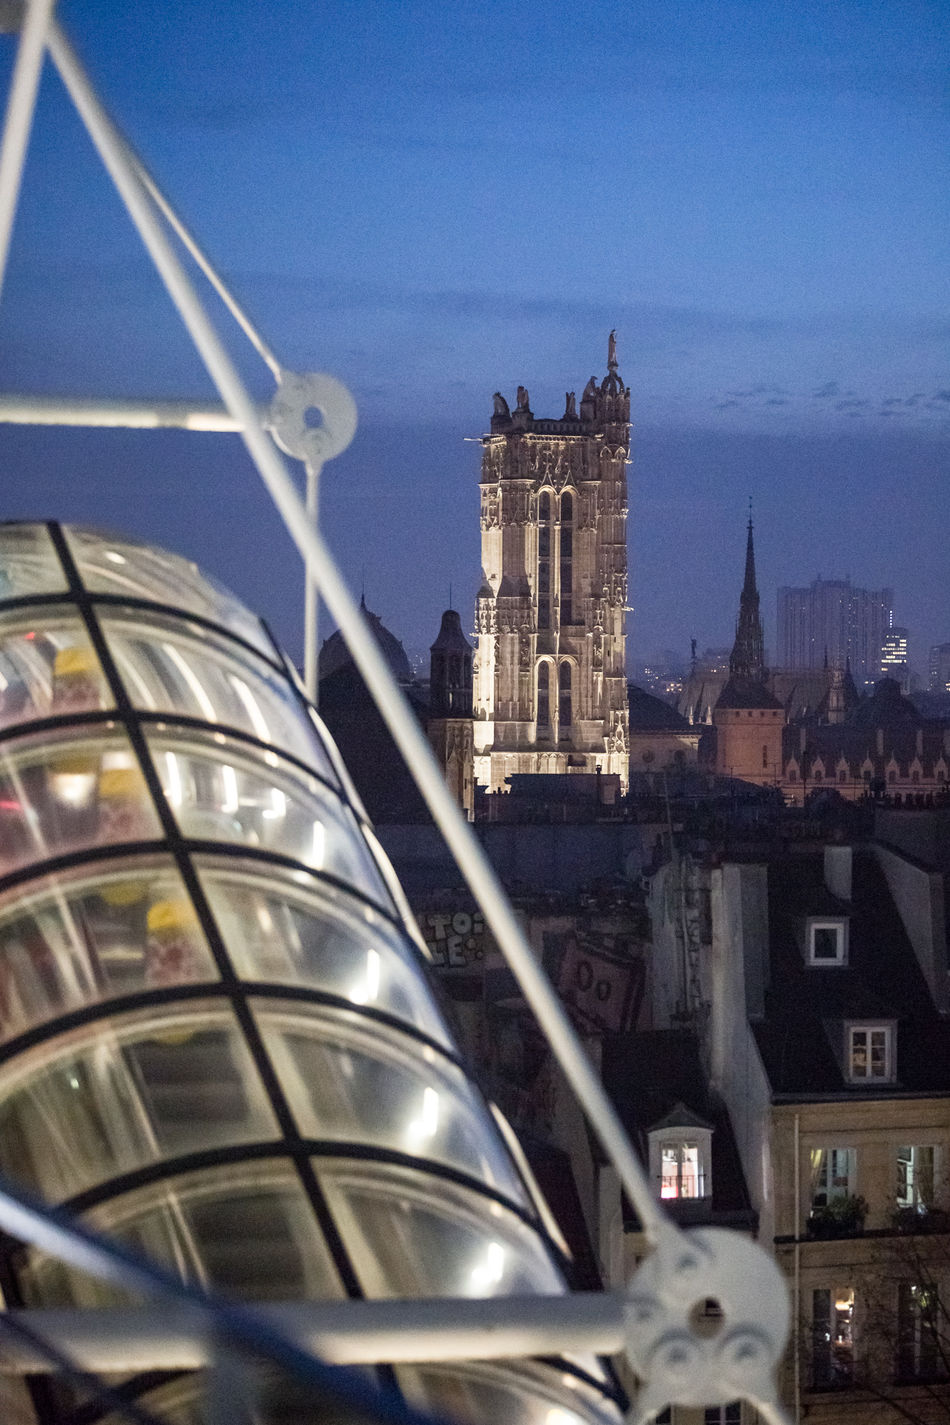 Paris Tour Saint-Jacques Centre Pompidou Paris By Night Paris La Nuit Laowa Laowa105mm Architecture Built Structure Building Exterior City Sky Travel Destinations No People Clock Modern Illuminated Skyscraper Outdoors Clock Tower Day